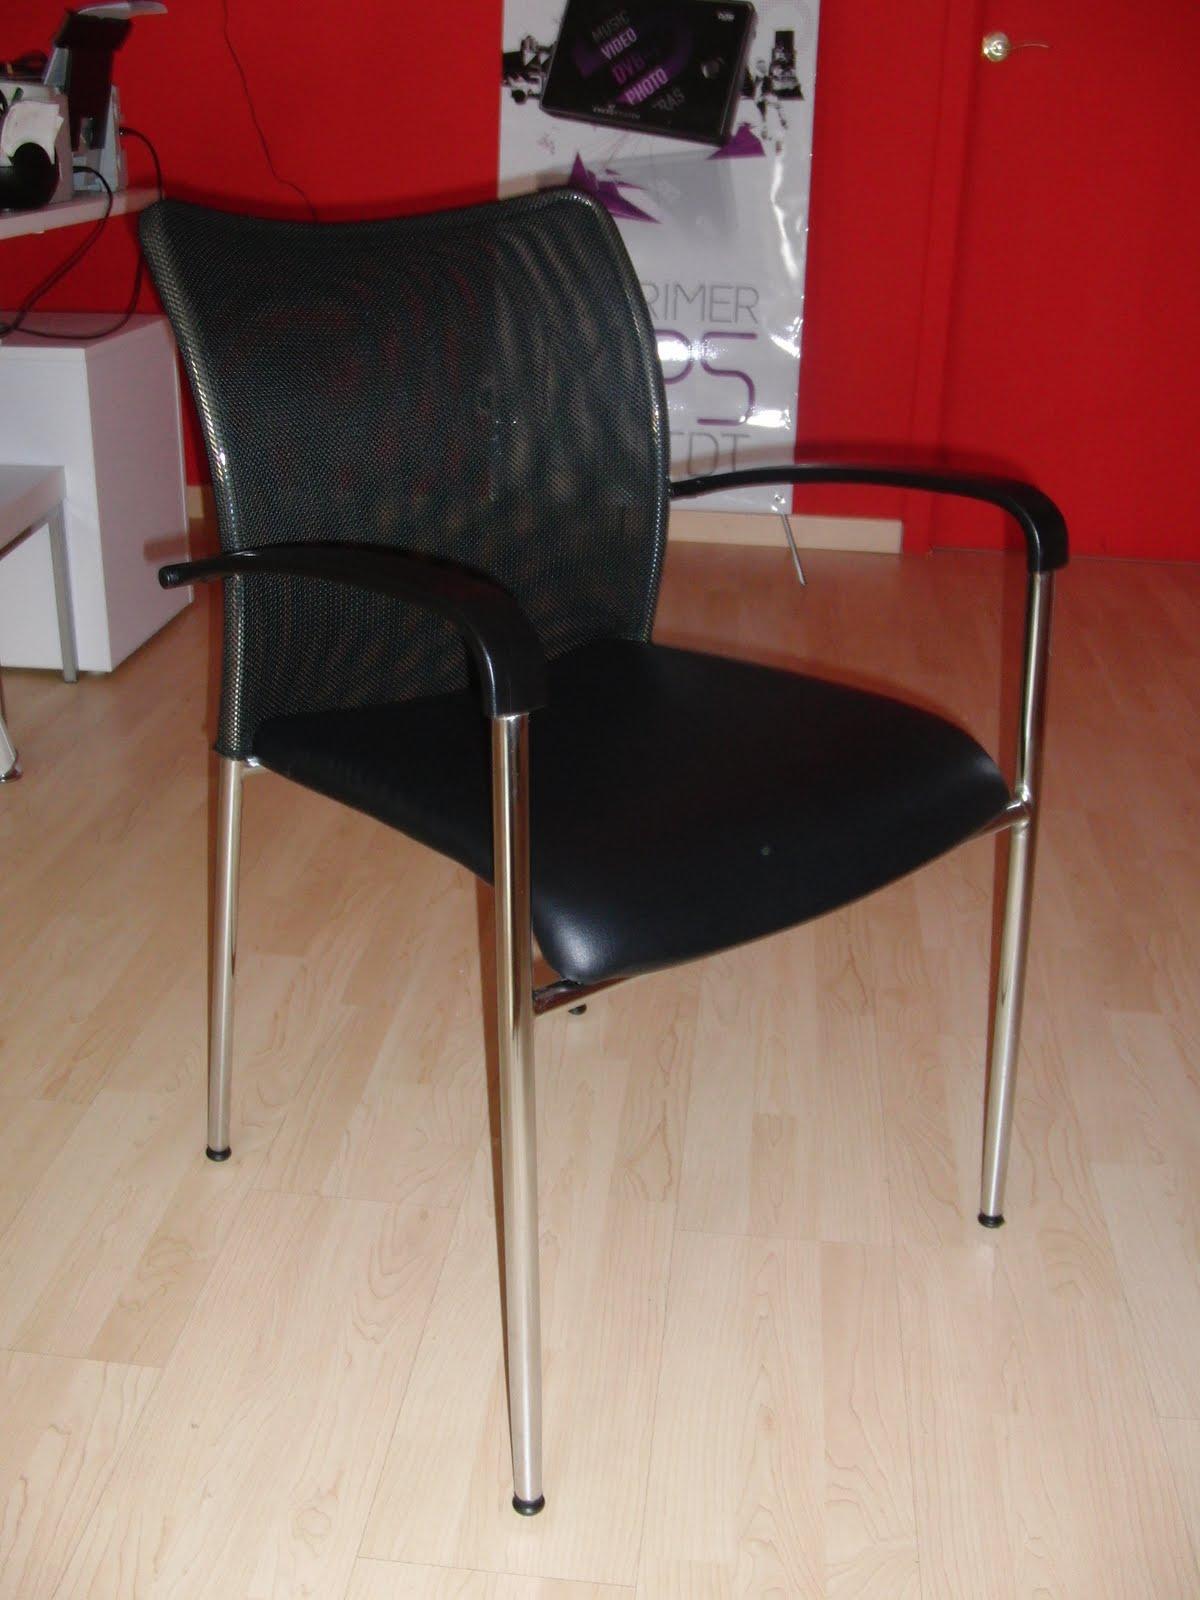 Outlet mobiliario sillas visitas para negocio for Sillas para visitas